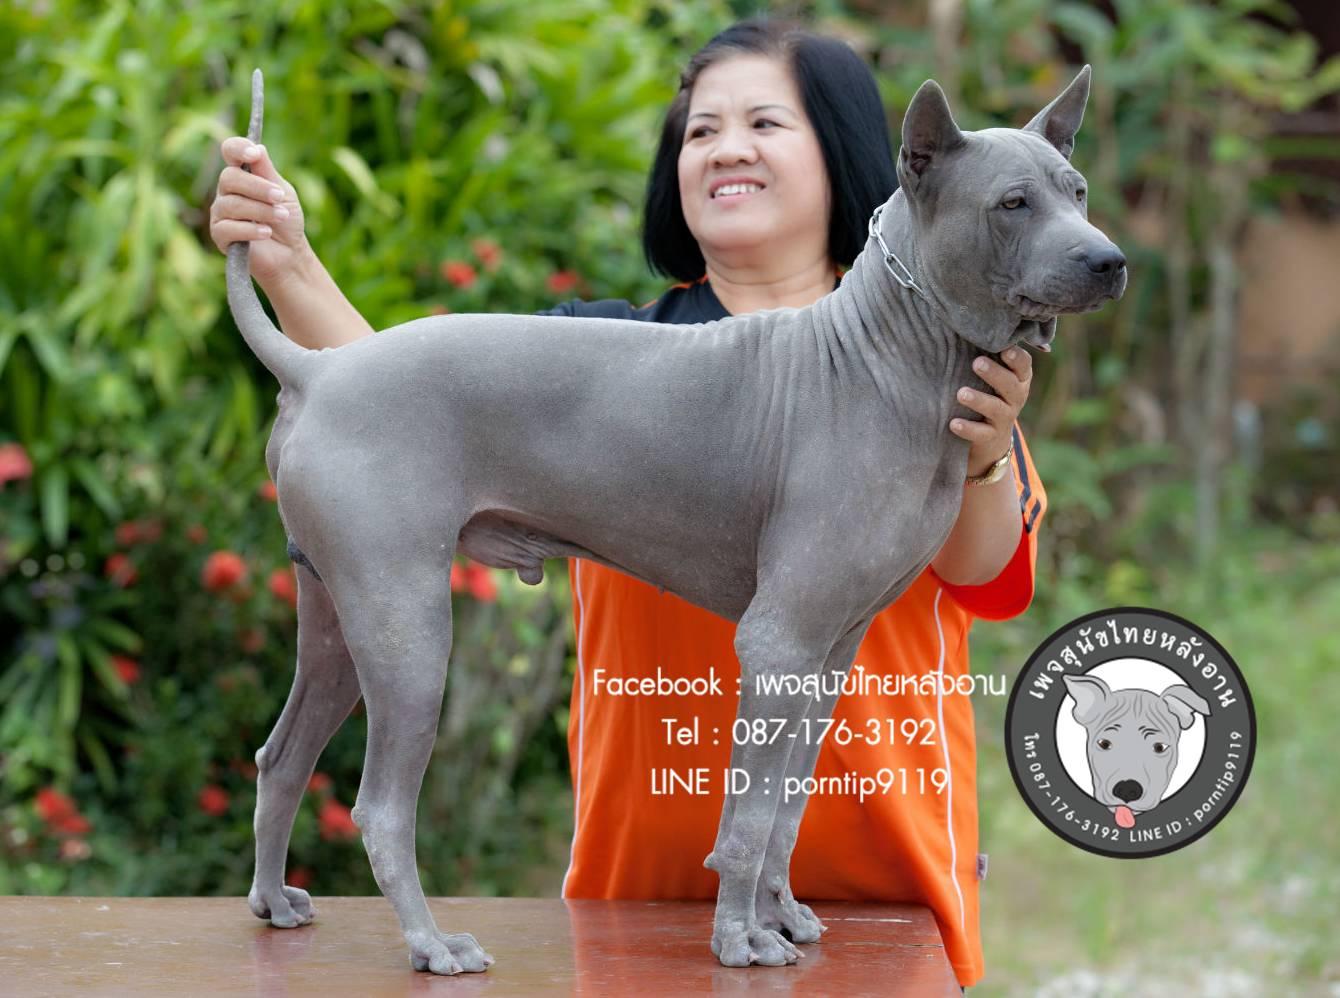 โทร 0871763192,สุนัขไทยหลังอานสายตราด,สุนัขจตุจักร,กรุงเทพฟาร์มสุนัข,ขายสุนัขกรุงเทพ,สุนัขไทยหลังอานกรุงเทพ, เชียงใหม่สุนัขไทย,สุนัขไทยหลังอานภูเก็ต,สุนัขไทยหลังอานเชียงใหม่,TRD,thairidgeback, blue thairidgeback , red thairidgeback , ISABELLA , FEMALE , MALE, Thai ridgeback dog, Ridgeback dog, Primitive, pet, puppy, T